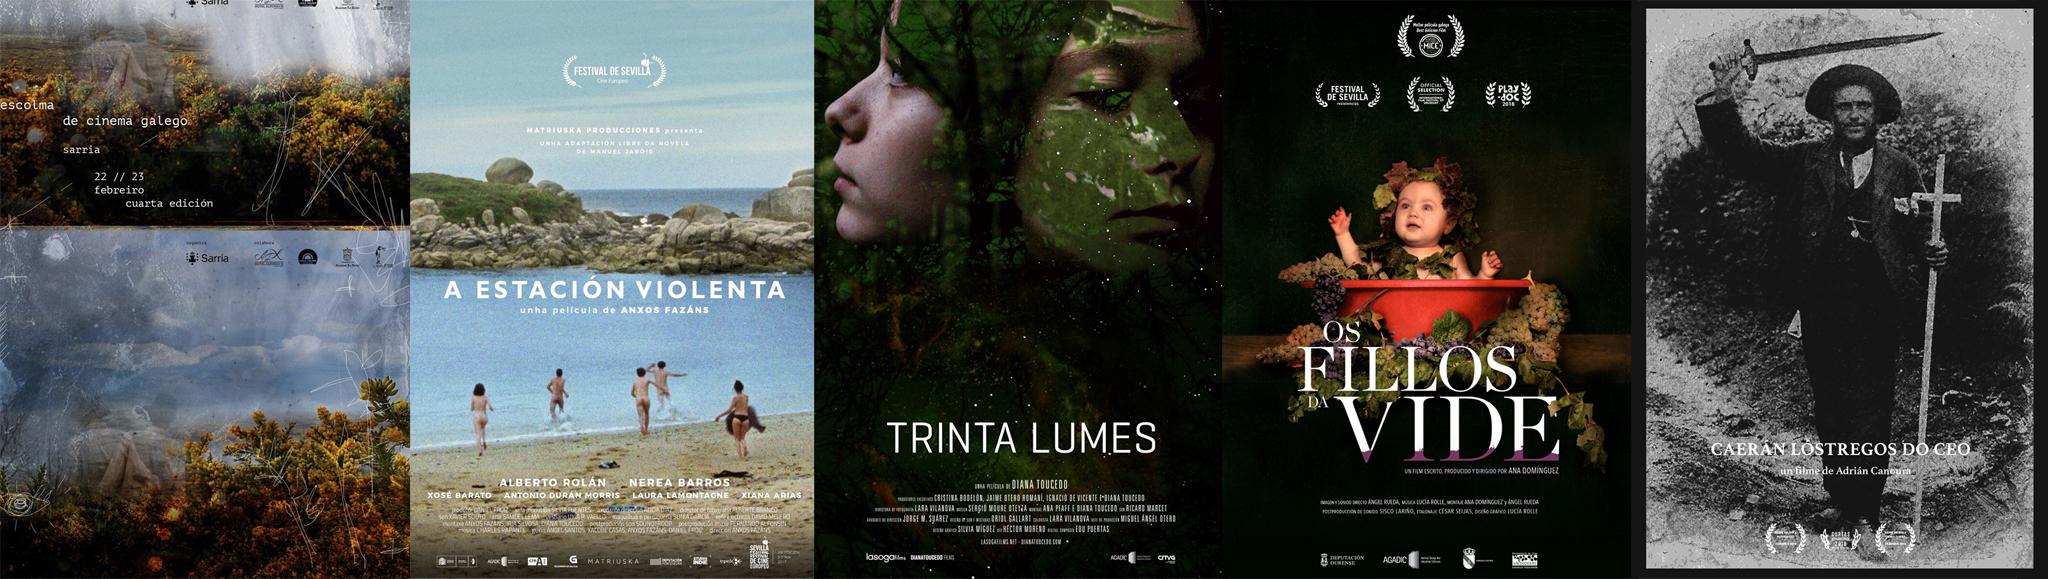 escolma-cinema-galego-sarria